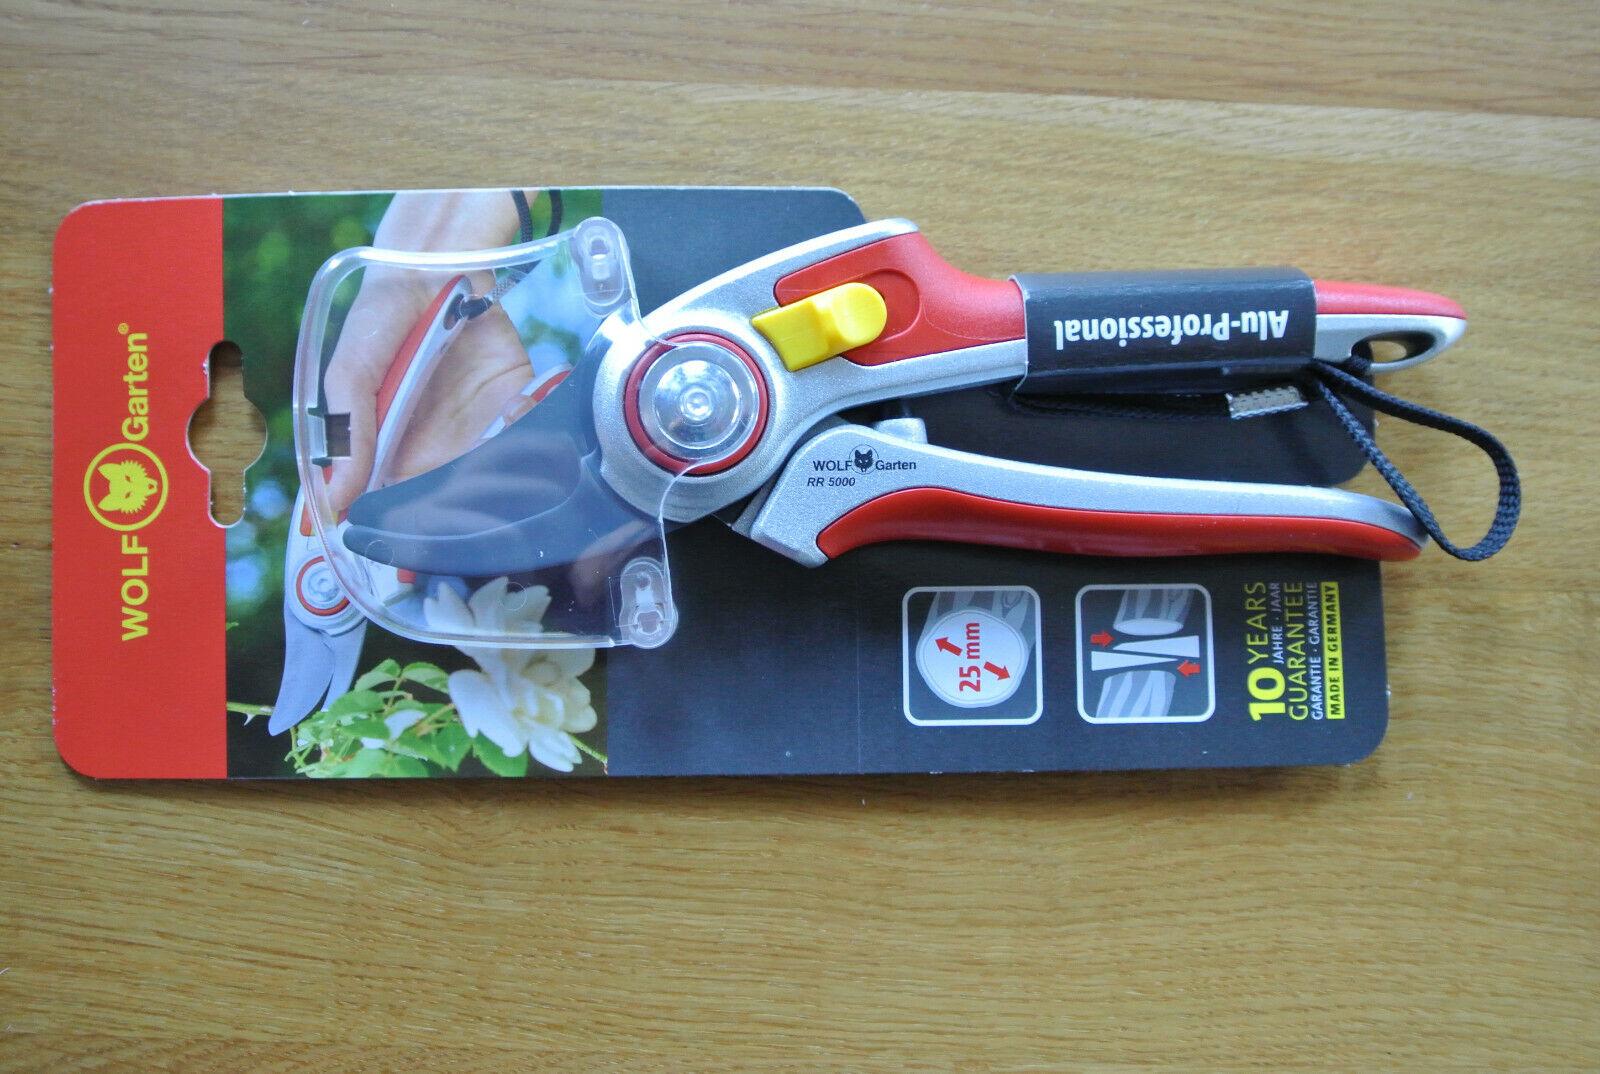 WOLF-Garten Alu-Gartenschere Professional RR 5000